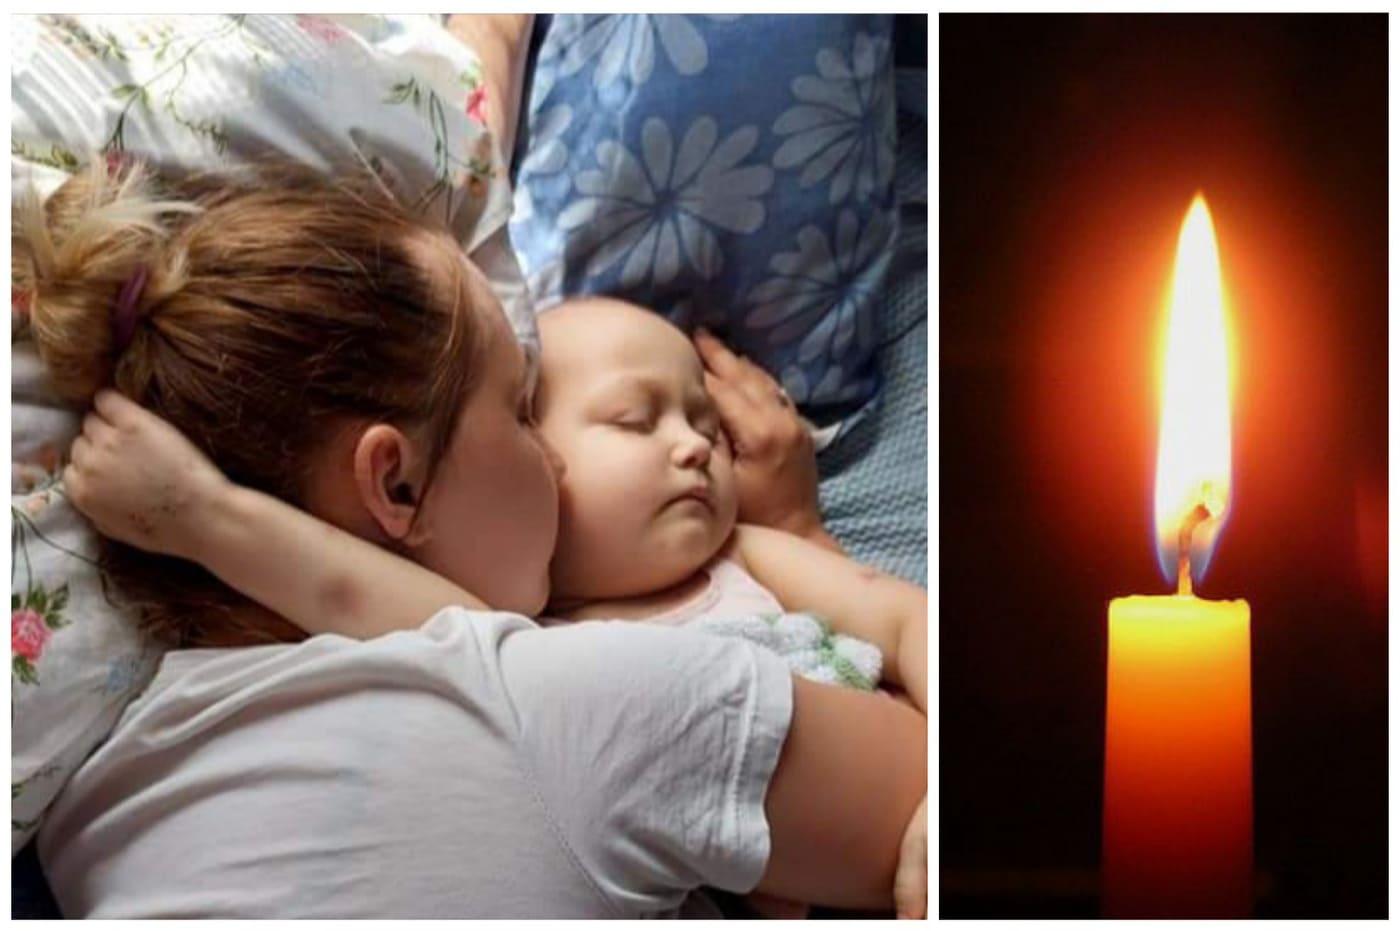 Вічная пам'ять ангелику! Померла 4-річна Алінка, якій збирали кошти на лікування